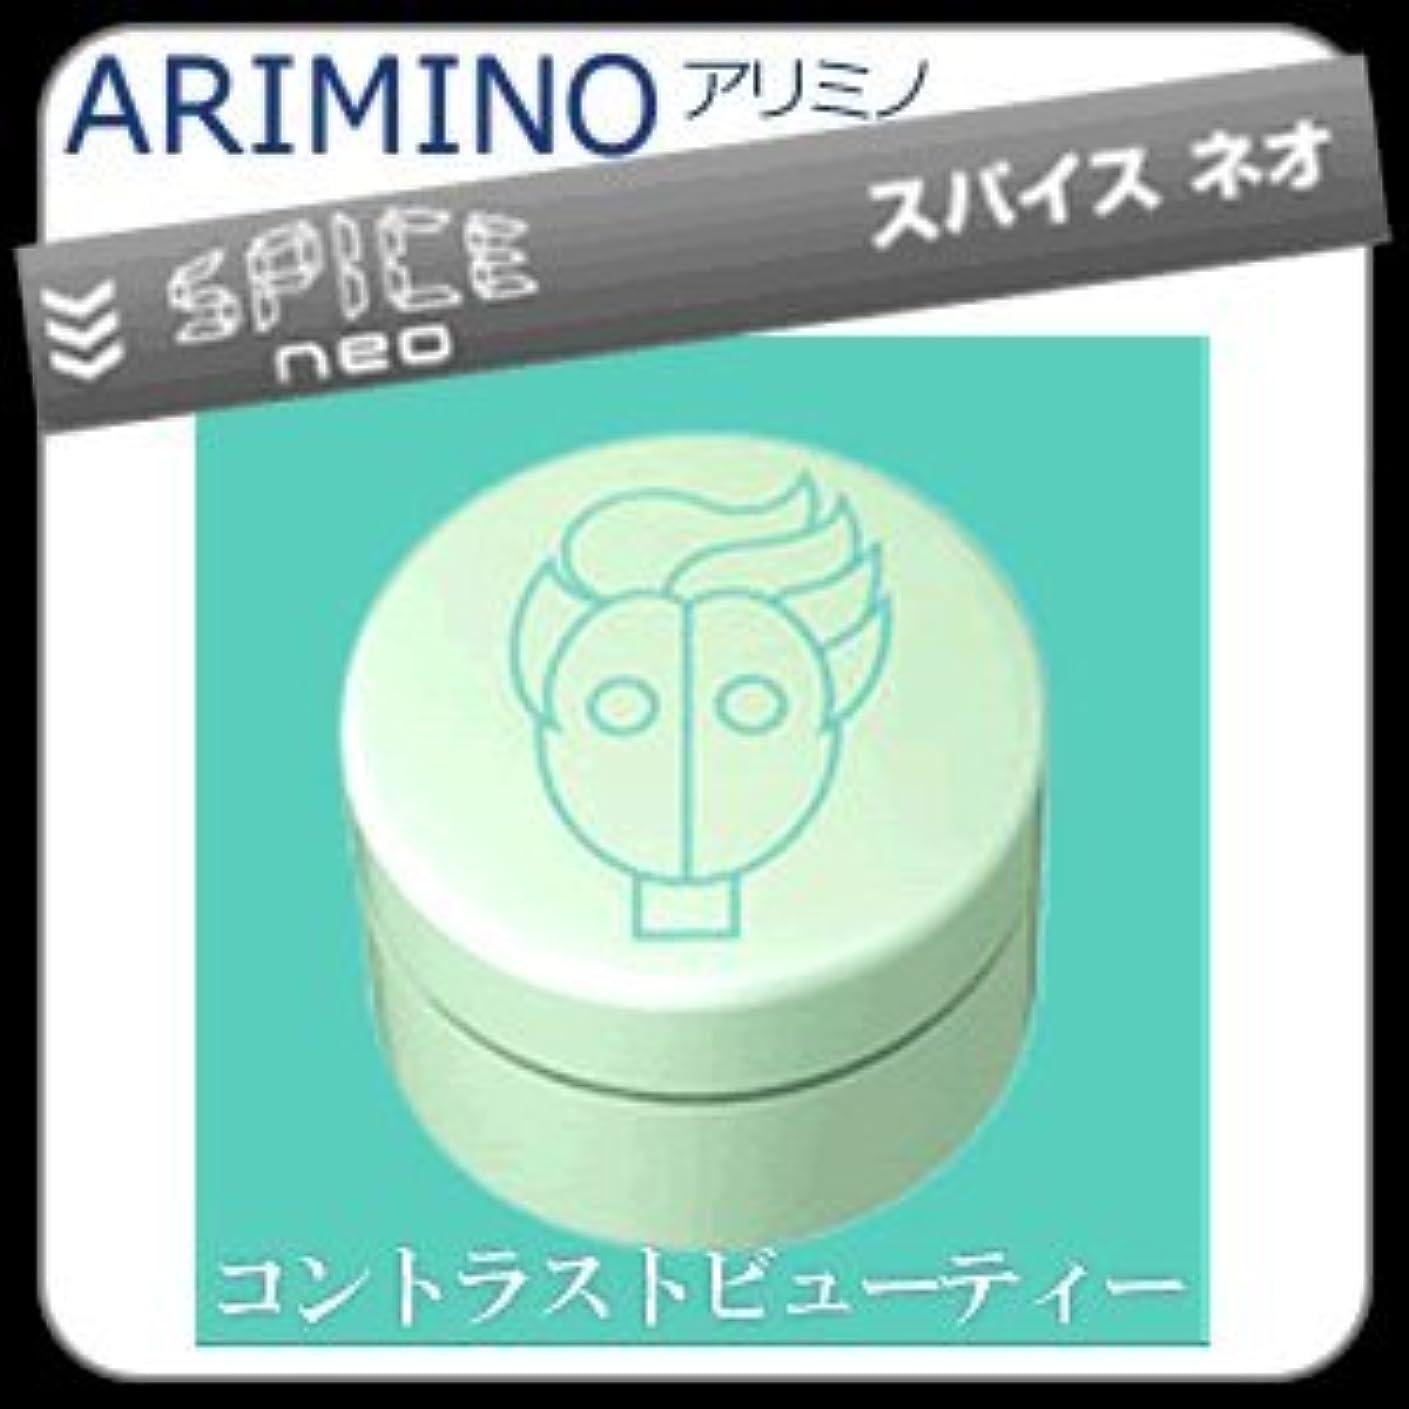 暴徒同僚基本的な【X2個セット】 アリミノ スパイスネオ GREASE-WAX グリースワックス 100g ARIMINO SPICE neo